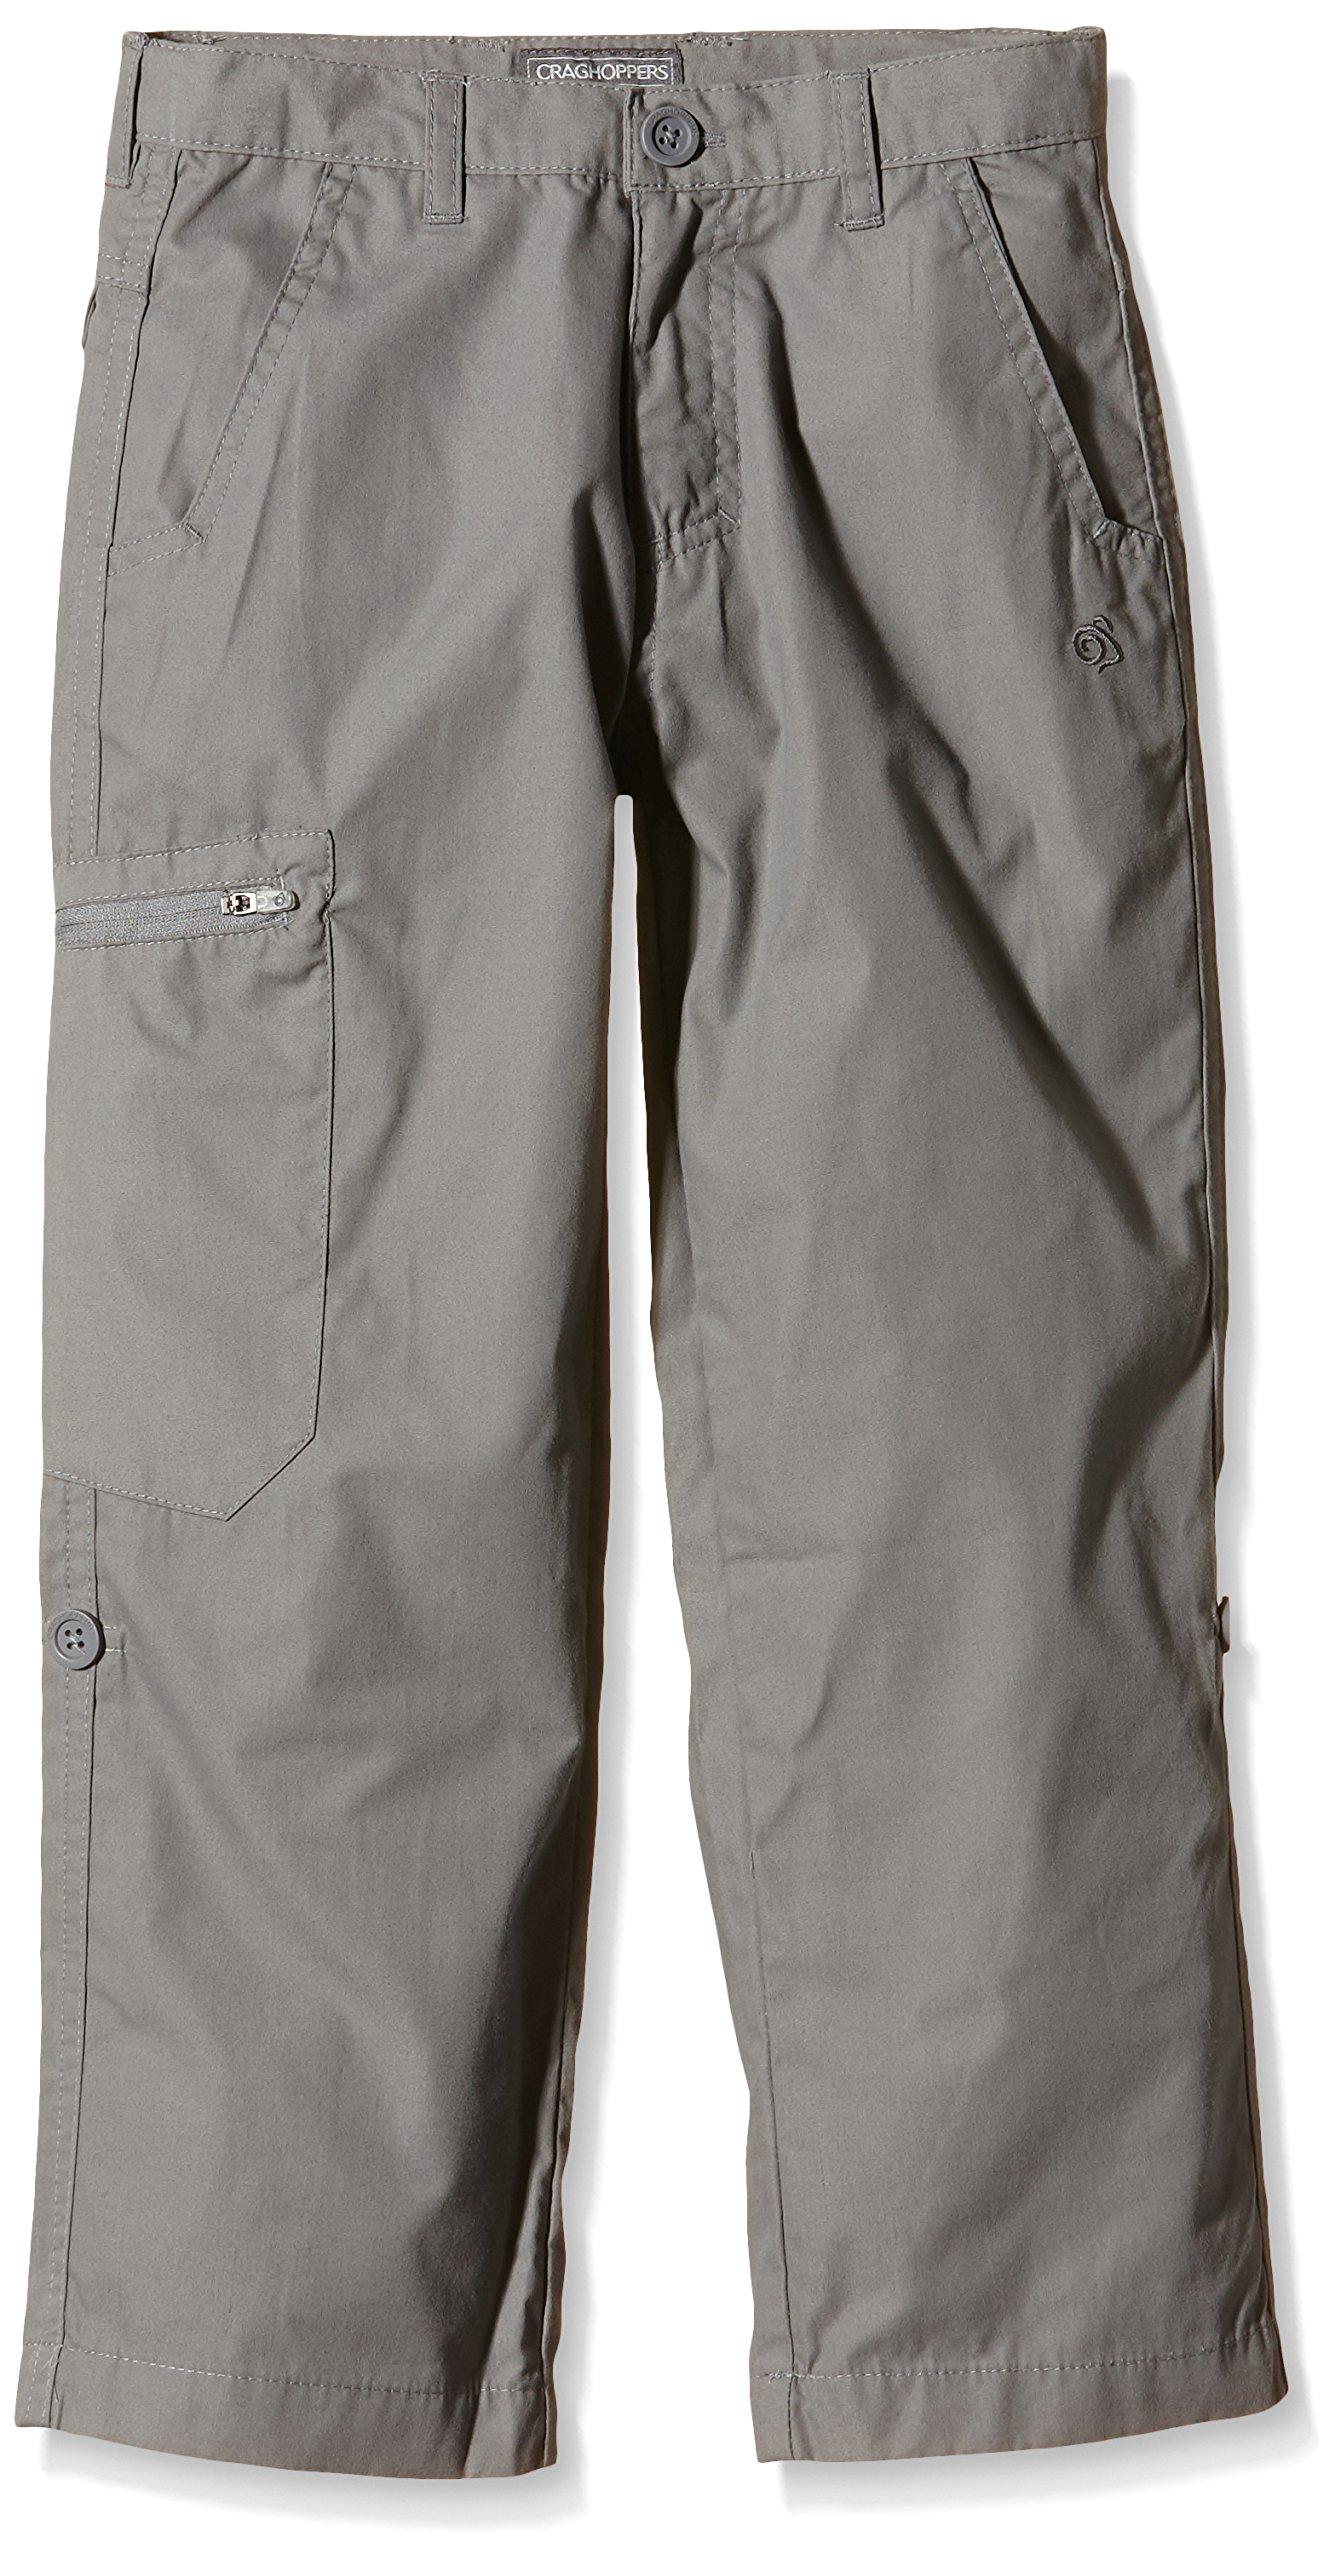 Craghoppers Kids Kiwi Trousers Pants, Platinum, Size 5-6